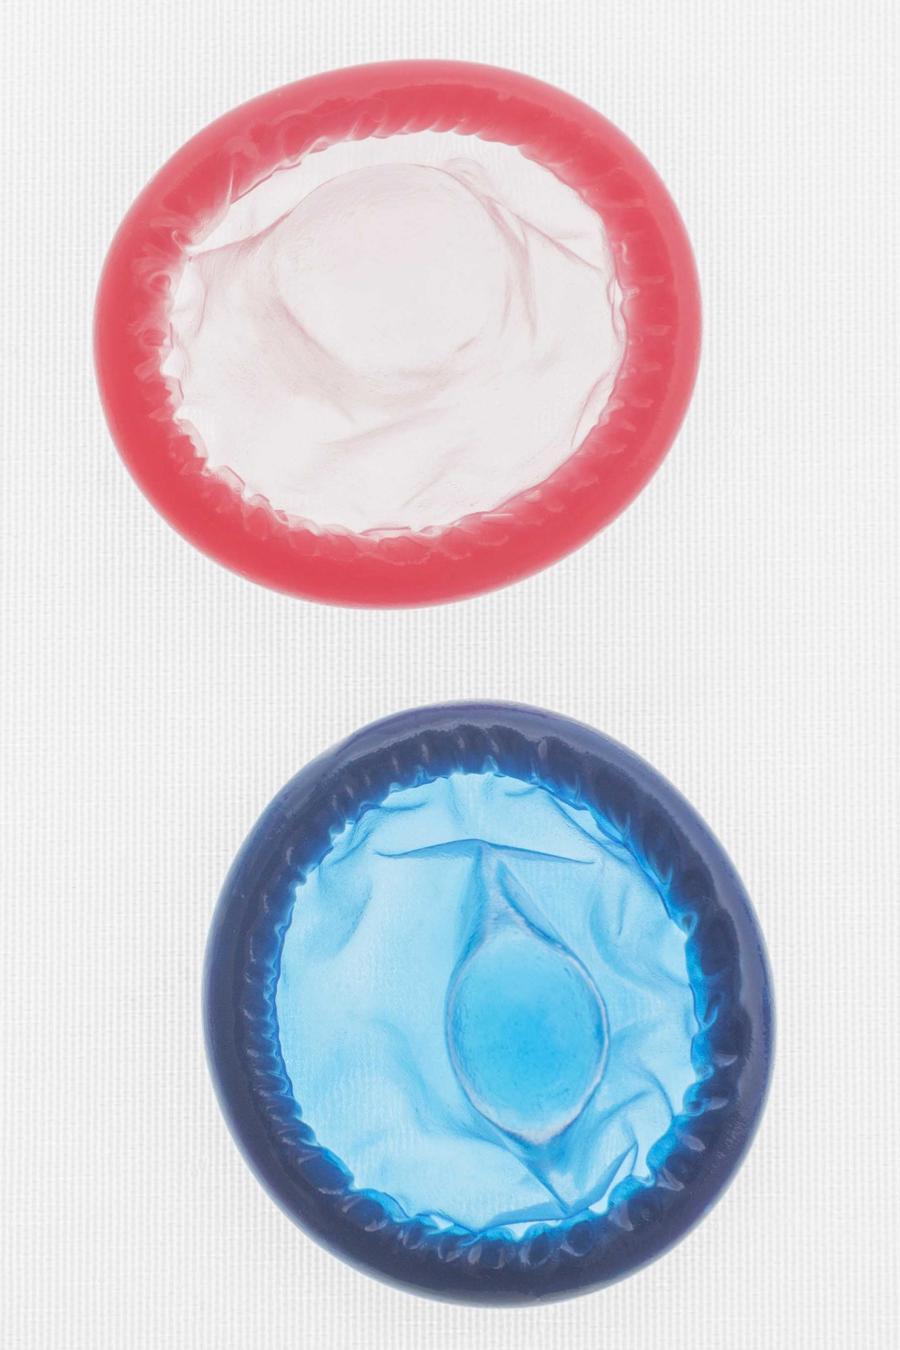 Condones de distintos colores